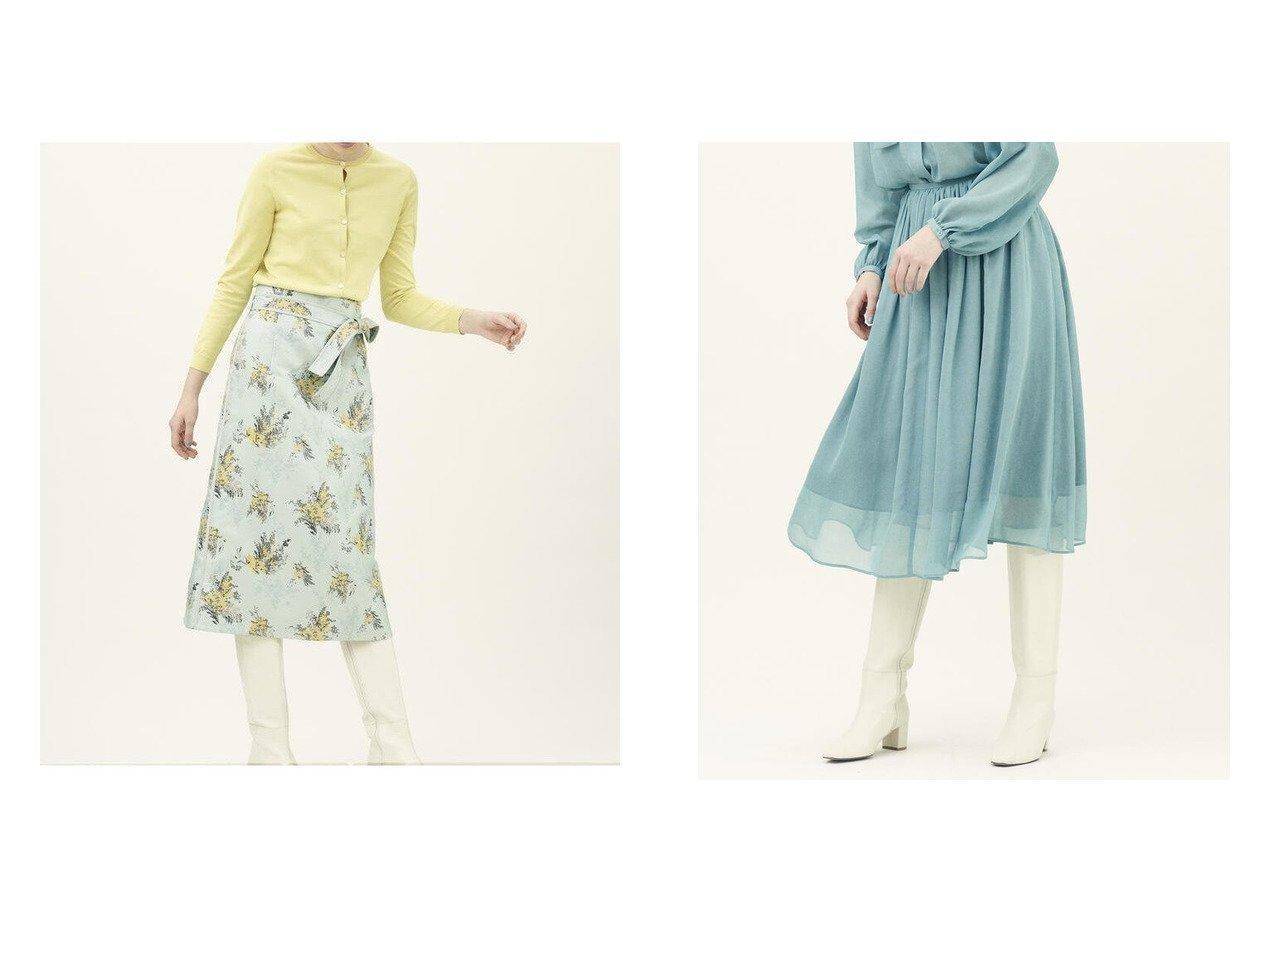 【TOMORROWLAND BALLSEY/トゥモローランド ボールジー】のミモザジャカード Iラインミディスカート&ナイアガラシフォン ギャザーミディスカート TOMORROWLANDのおすすめ!人気、トレンド・レディースファッションの通販 おすすめで人気の流行・トレンド、ファッションの通販商品 メンズファッション・キッズファッション・インテリア・家具・レディースファッション・服の通販 founy(ファニー) https://founy.com/ ファッション Fashion レディースファッション WOMEN スカート Skirt Aライン/フレアスカート Flared A-Line Skirts NEW・新作・新着・新入荷 New Arrivals エアリー エレガント ギャザー シフォン バランス フレア 2021年 2021 2021 春夏 S/S SS Spring/Summer 2021 S/S 春夏 SS Spring/Summer ジャカード タイトスカート モチーフ 再入荷 Restock/Back in Stock/Re Arrival 春 Spring  ID:crp329100000016971